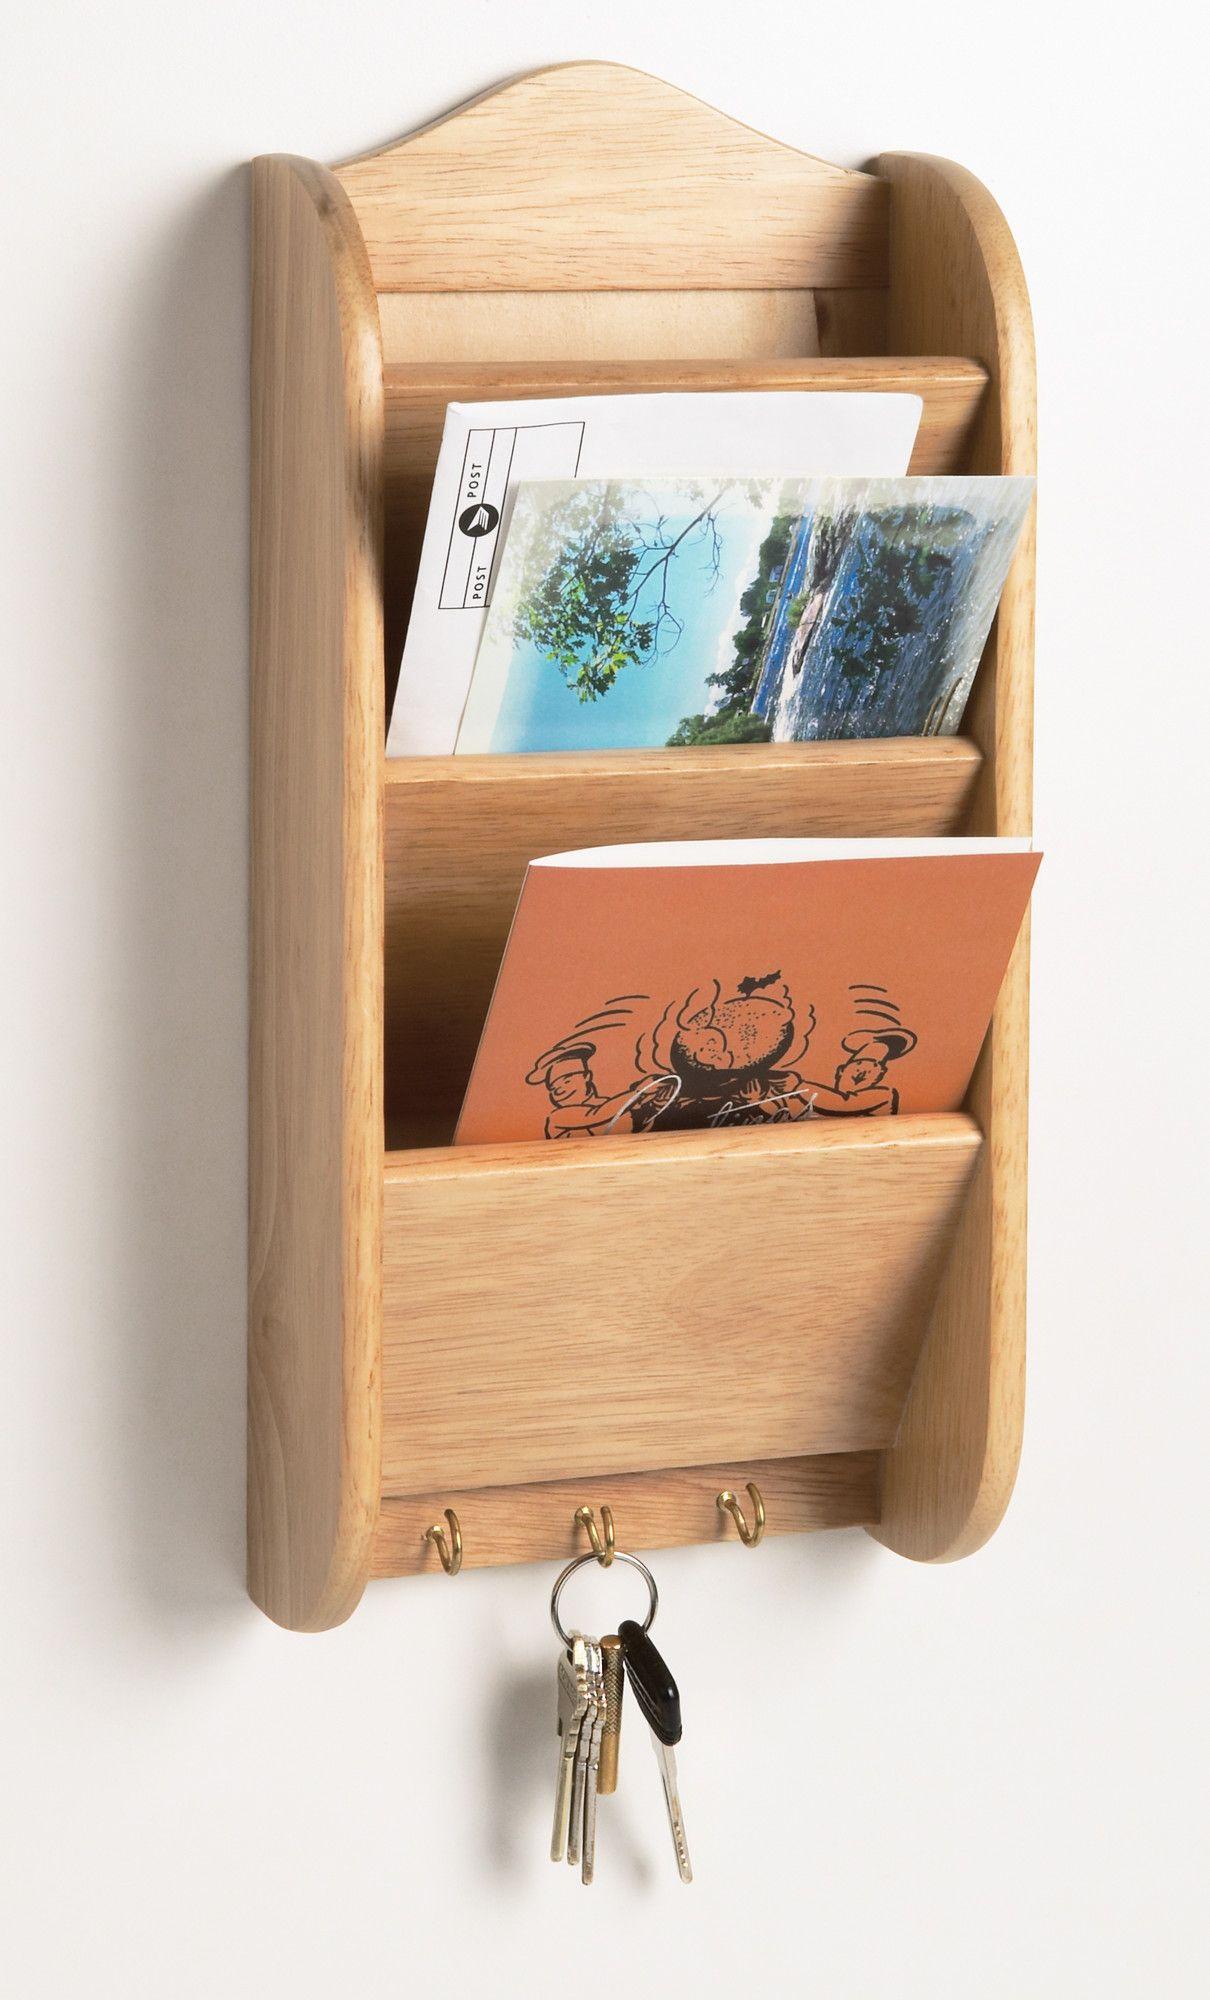 Fox Run Craftsmen Letter Rack Letter rack, Wooden